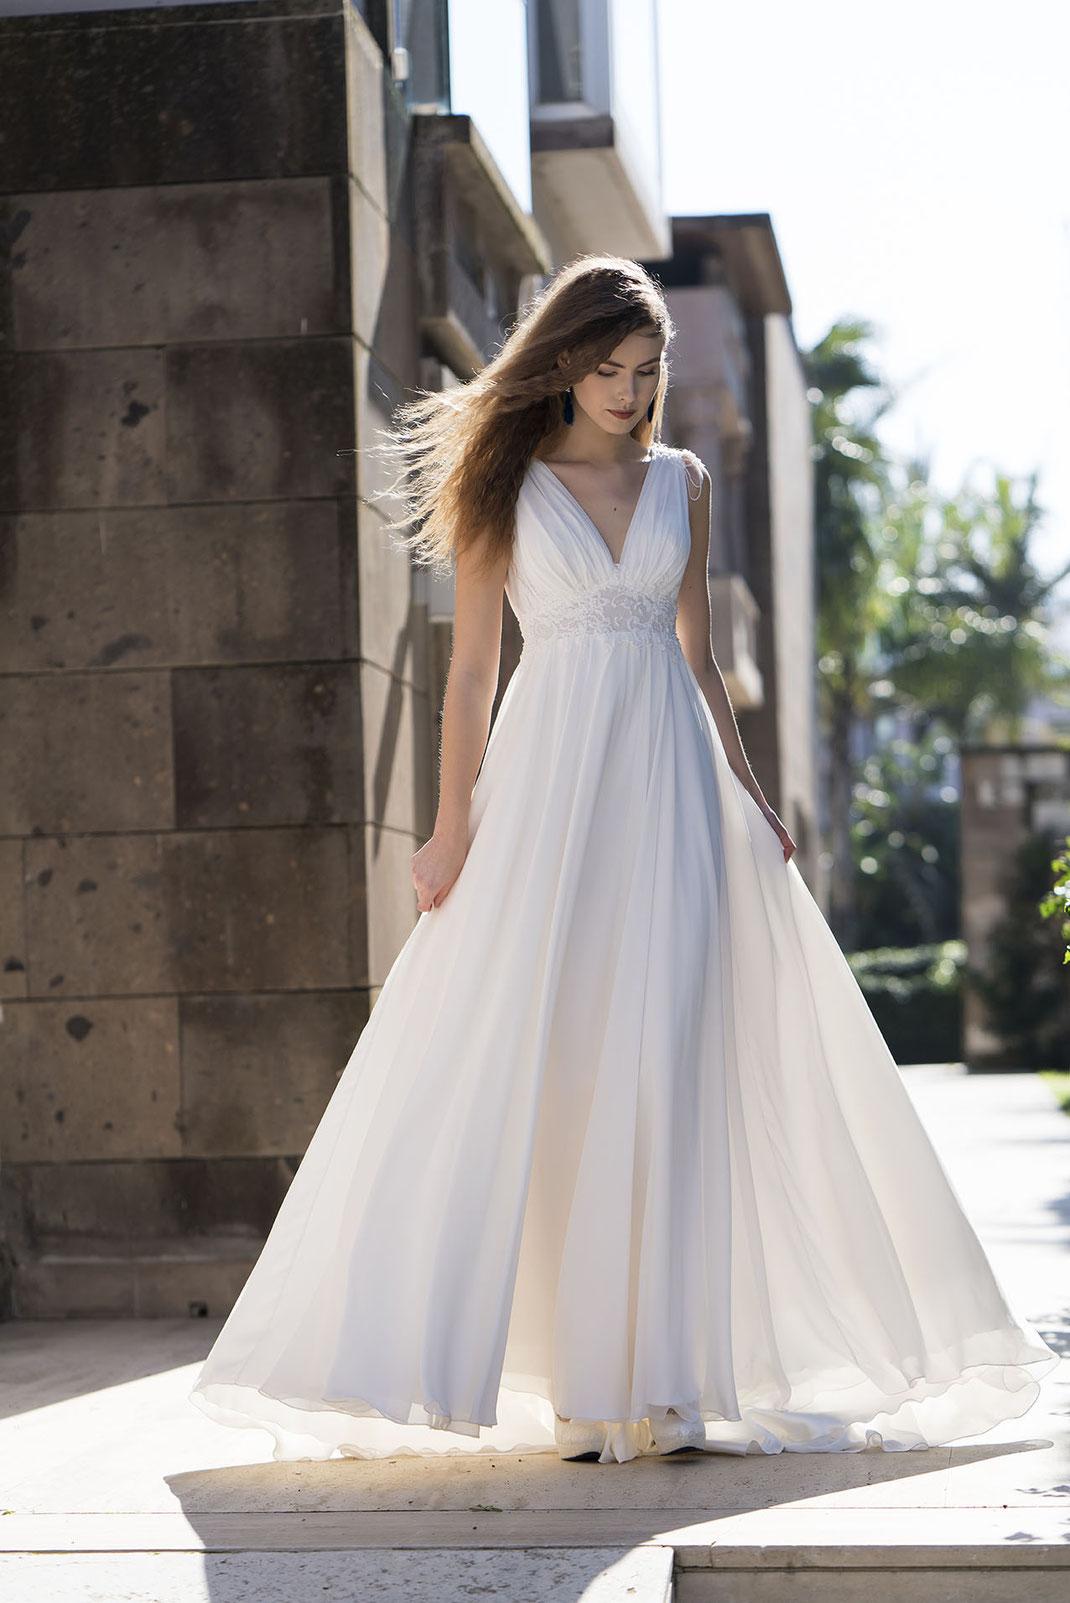 Brautkleid im Empire Stil von Emine Yildirim